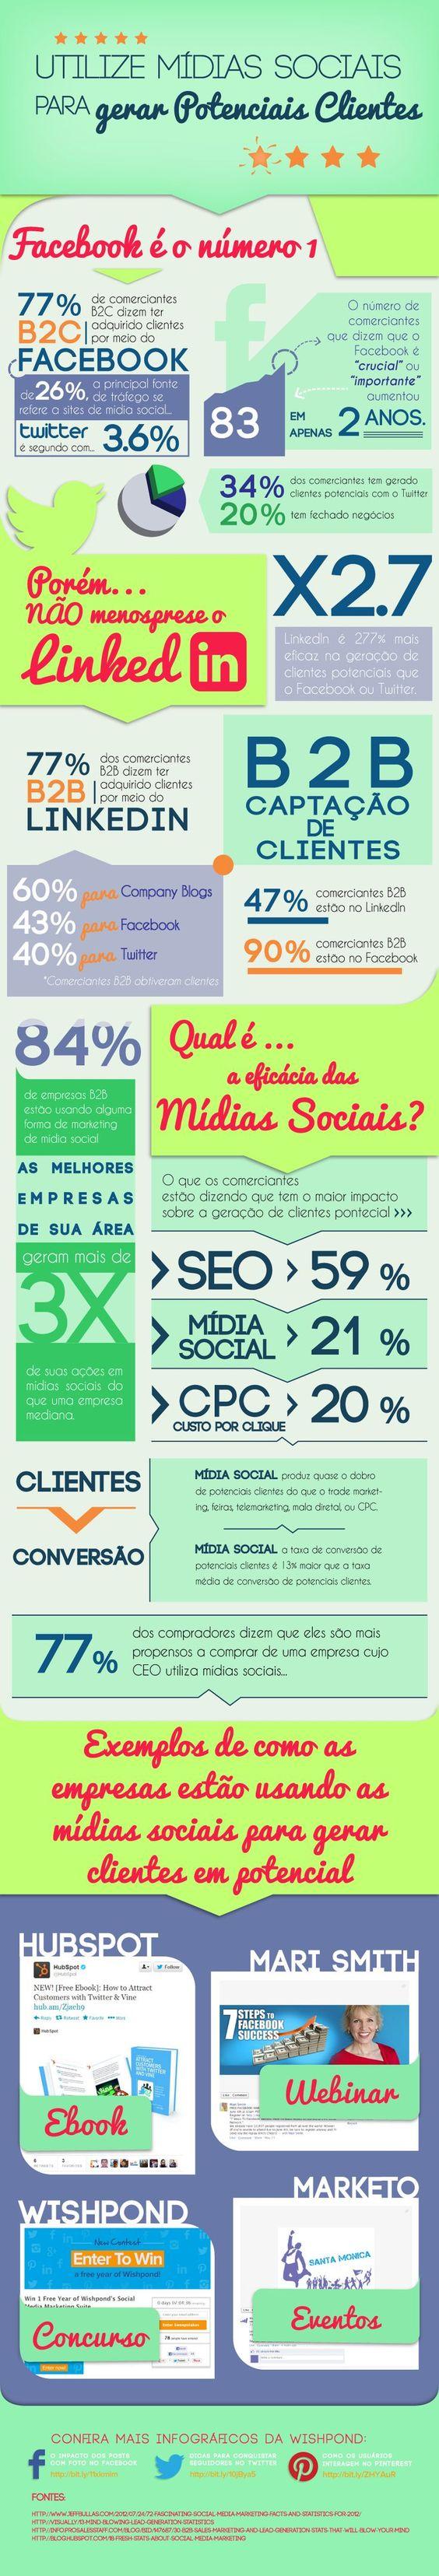 Potenciais clientes nas redes sociais.